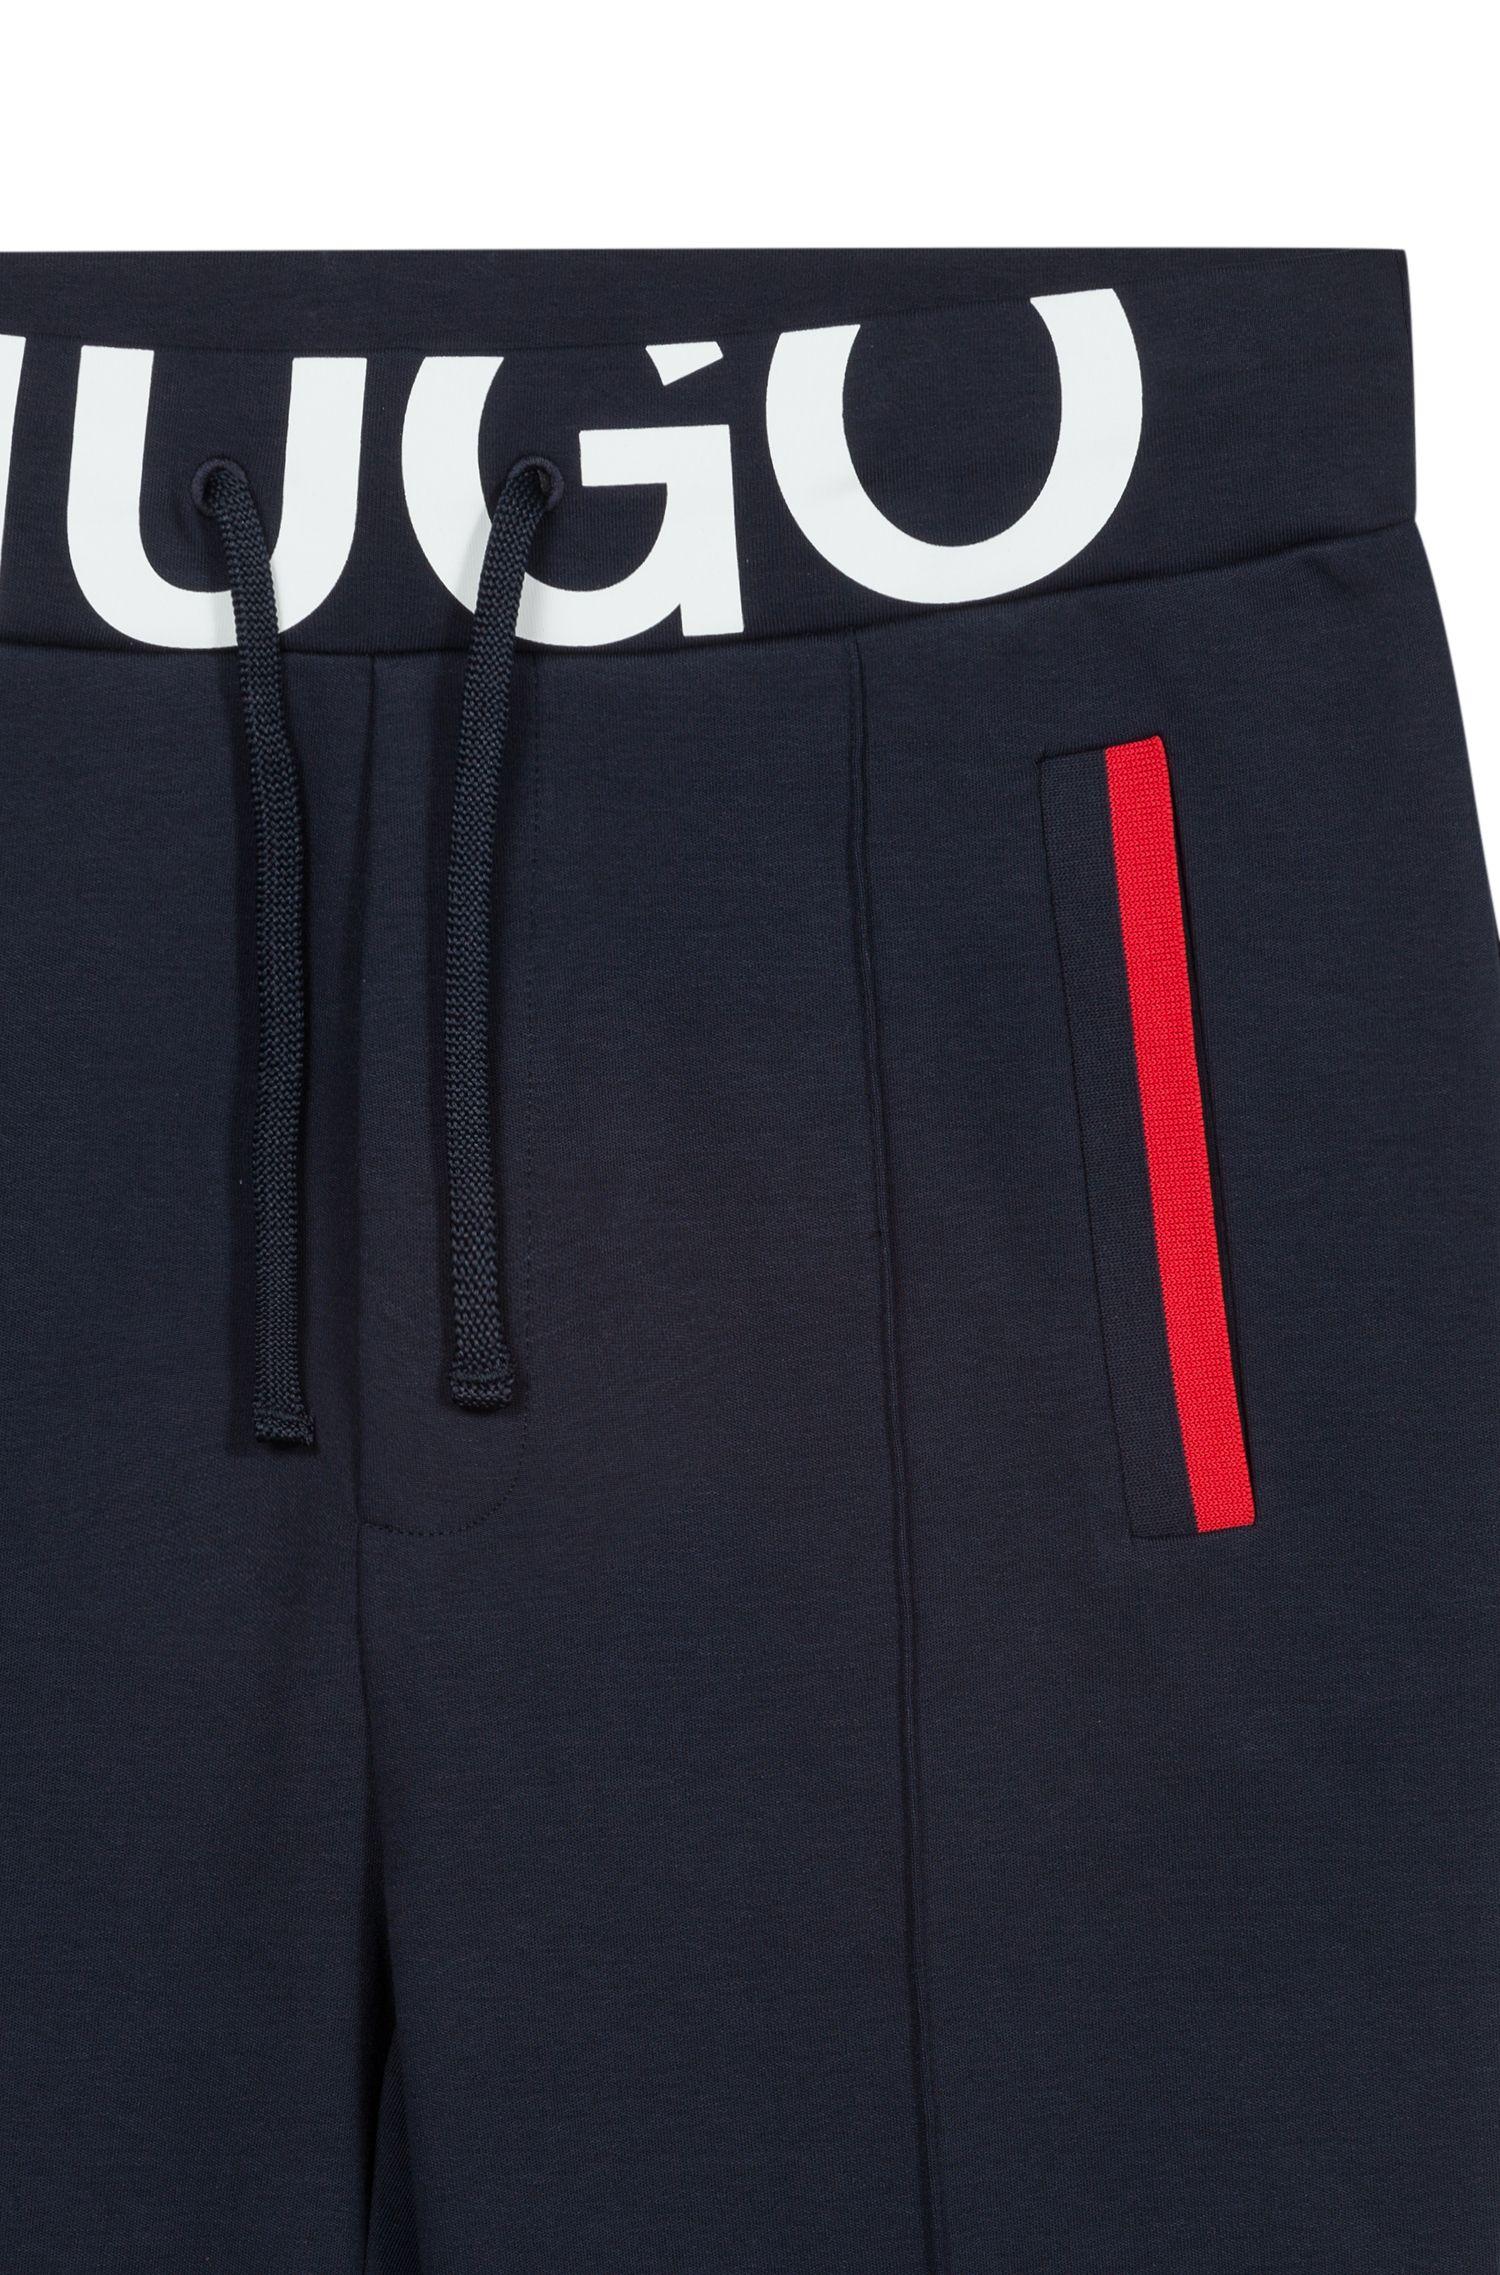 Slim-Fit Hose aus Interlock-Baumwolle mit Logo am Bund, Dunkelblau